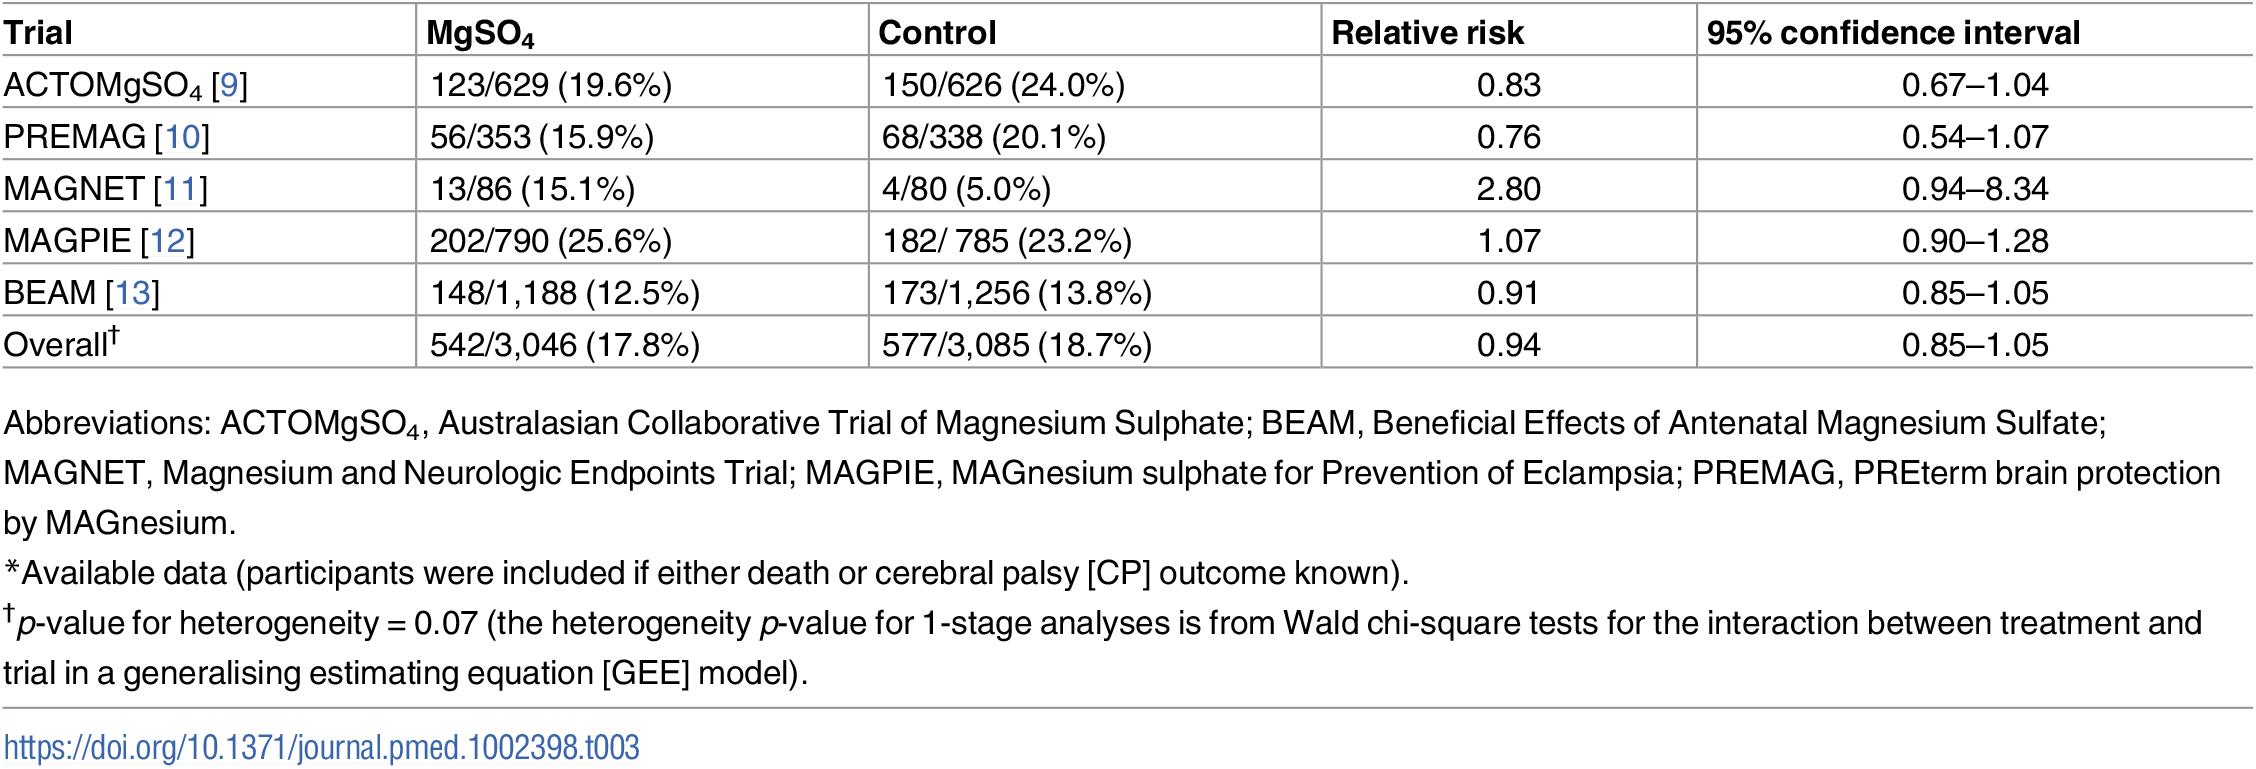 Death or cerebral palsy<em class=&quot;ref&quot;>*</em> (all trials).